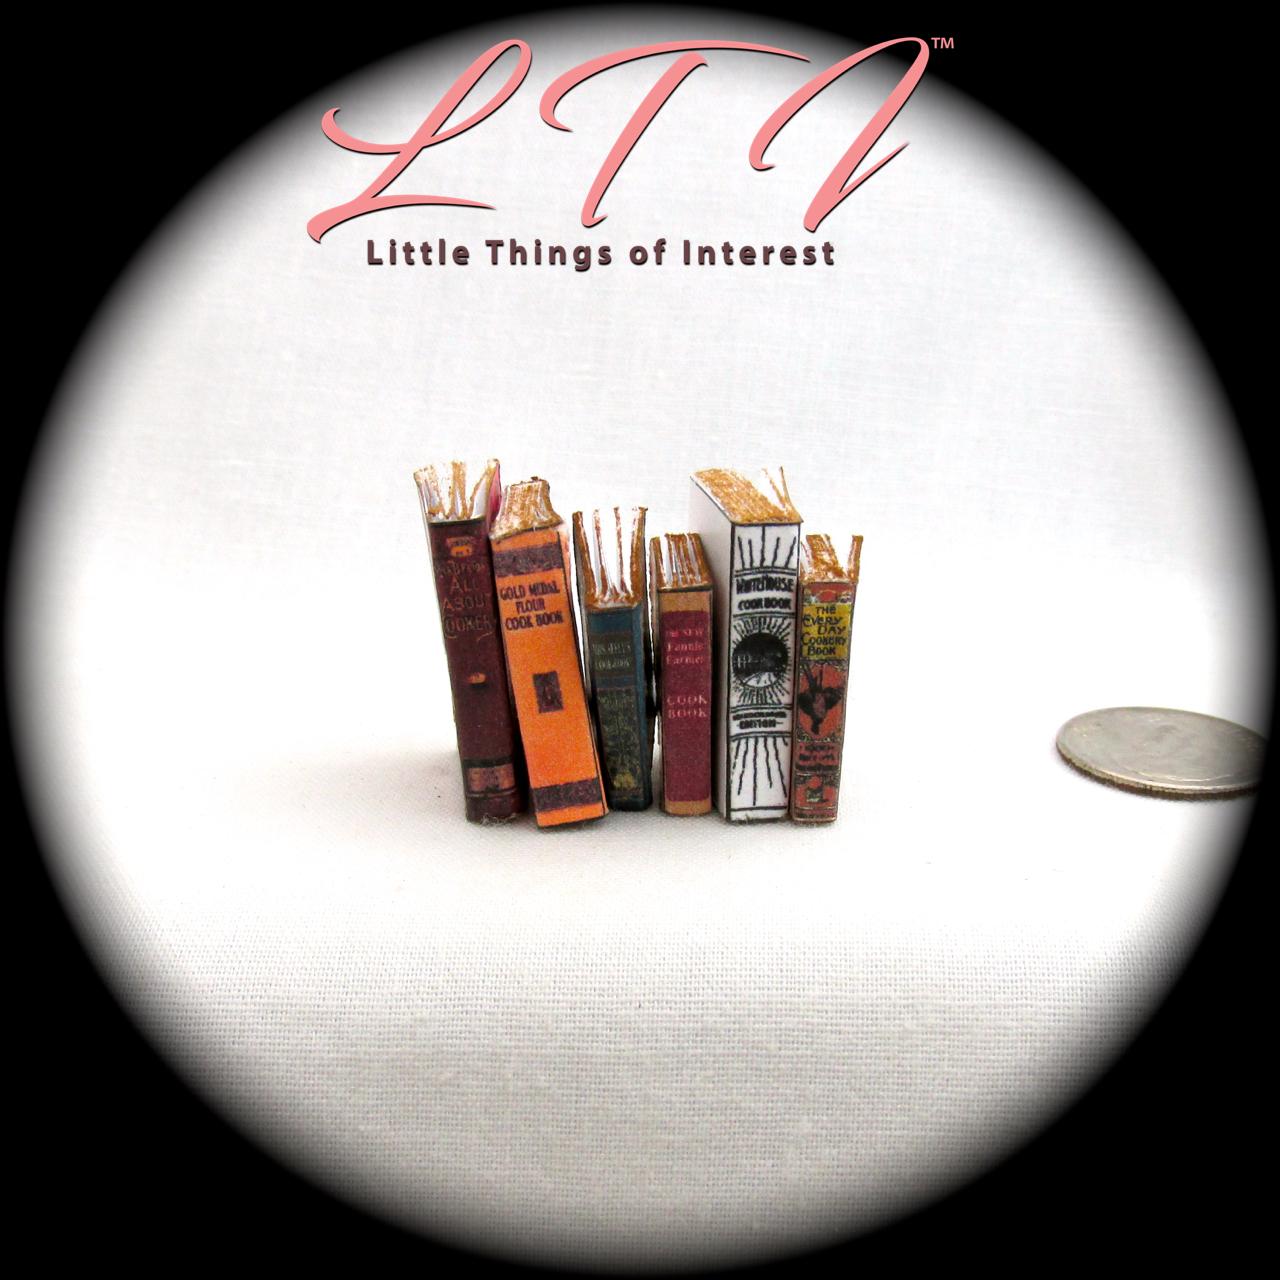 6 VINTAGE OLD COOKBOOKS Set Miniature Dollhouse 1:12 Scale Books PROP Faux 3